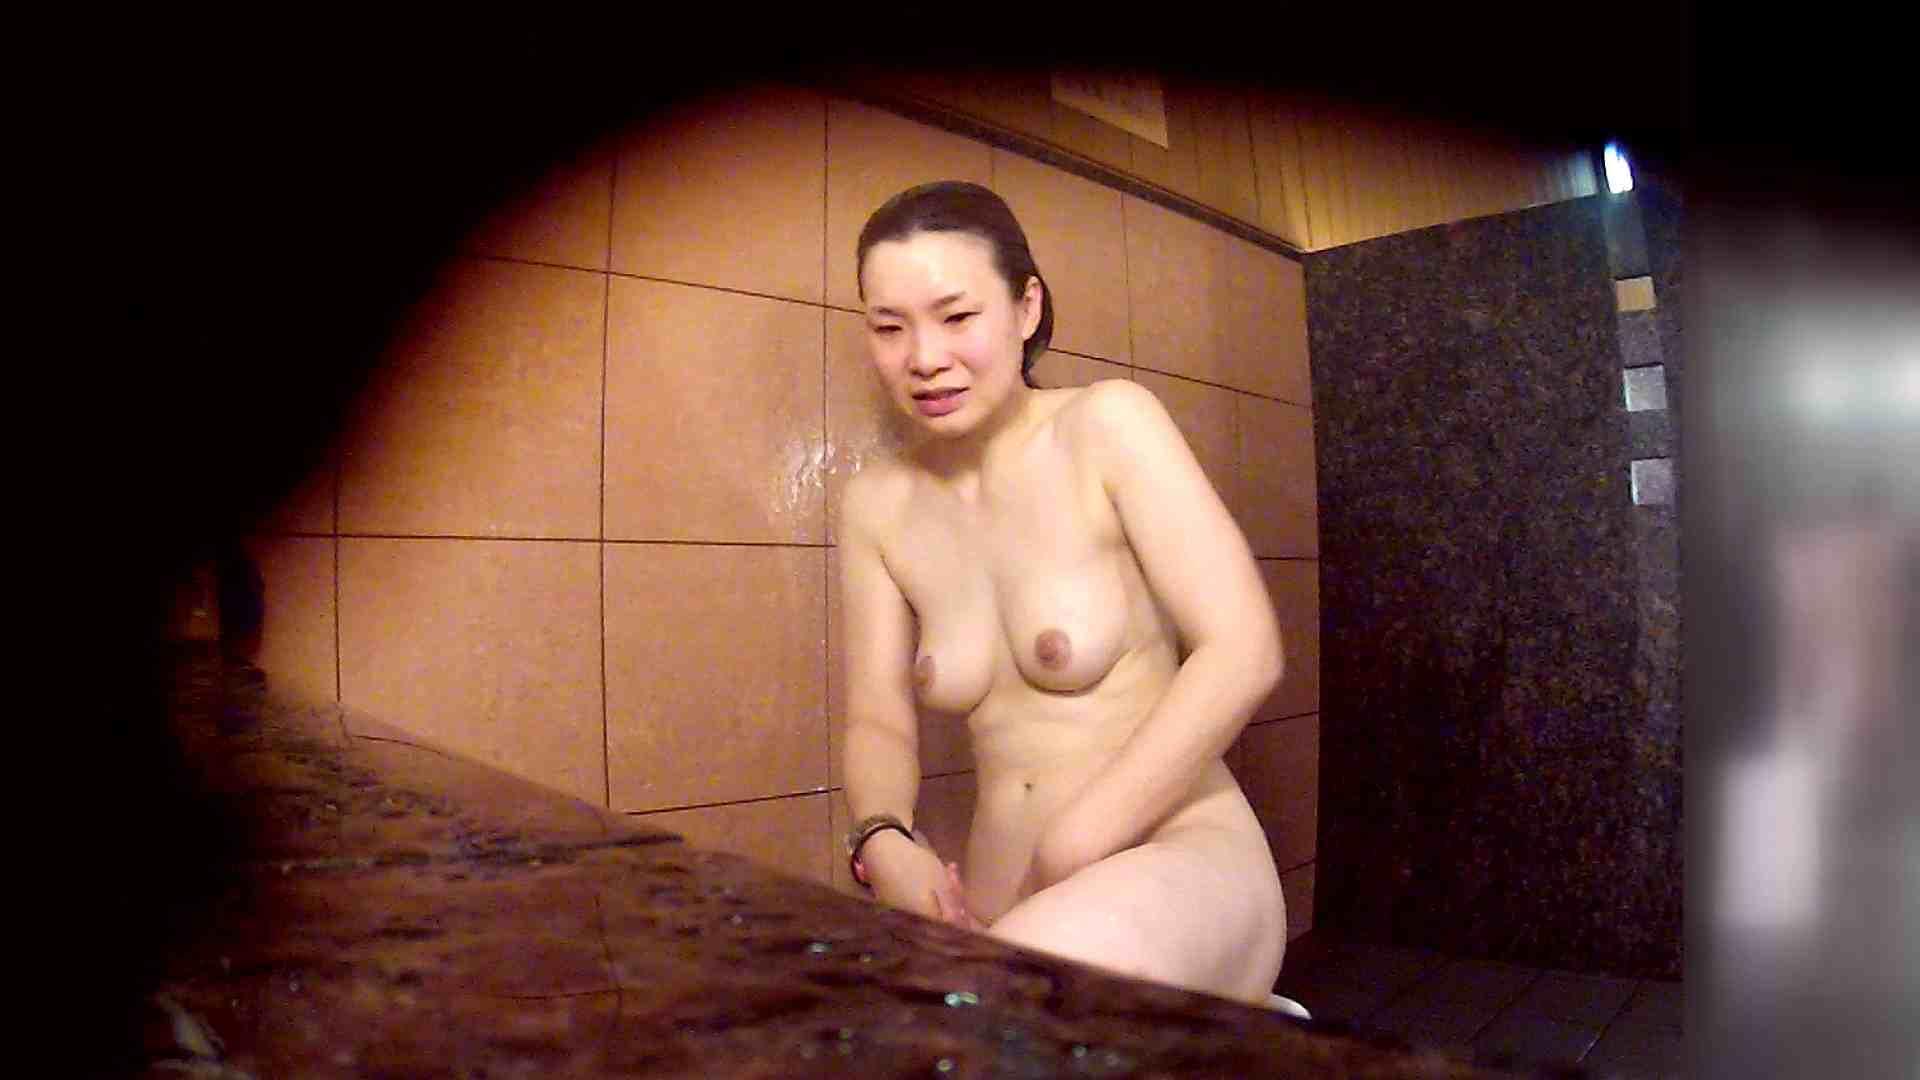 洗い場!マッスルお嬢さん!でもオッパイだけは柔らかそうです。 むっちりガール ワレメ無修正動画無料 76枚 45